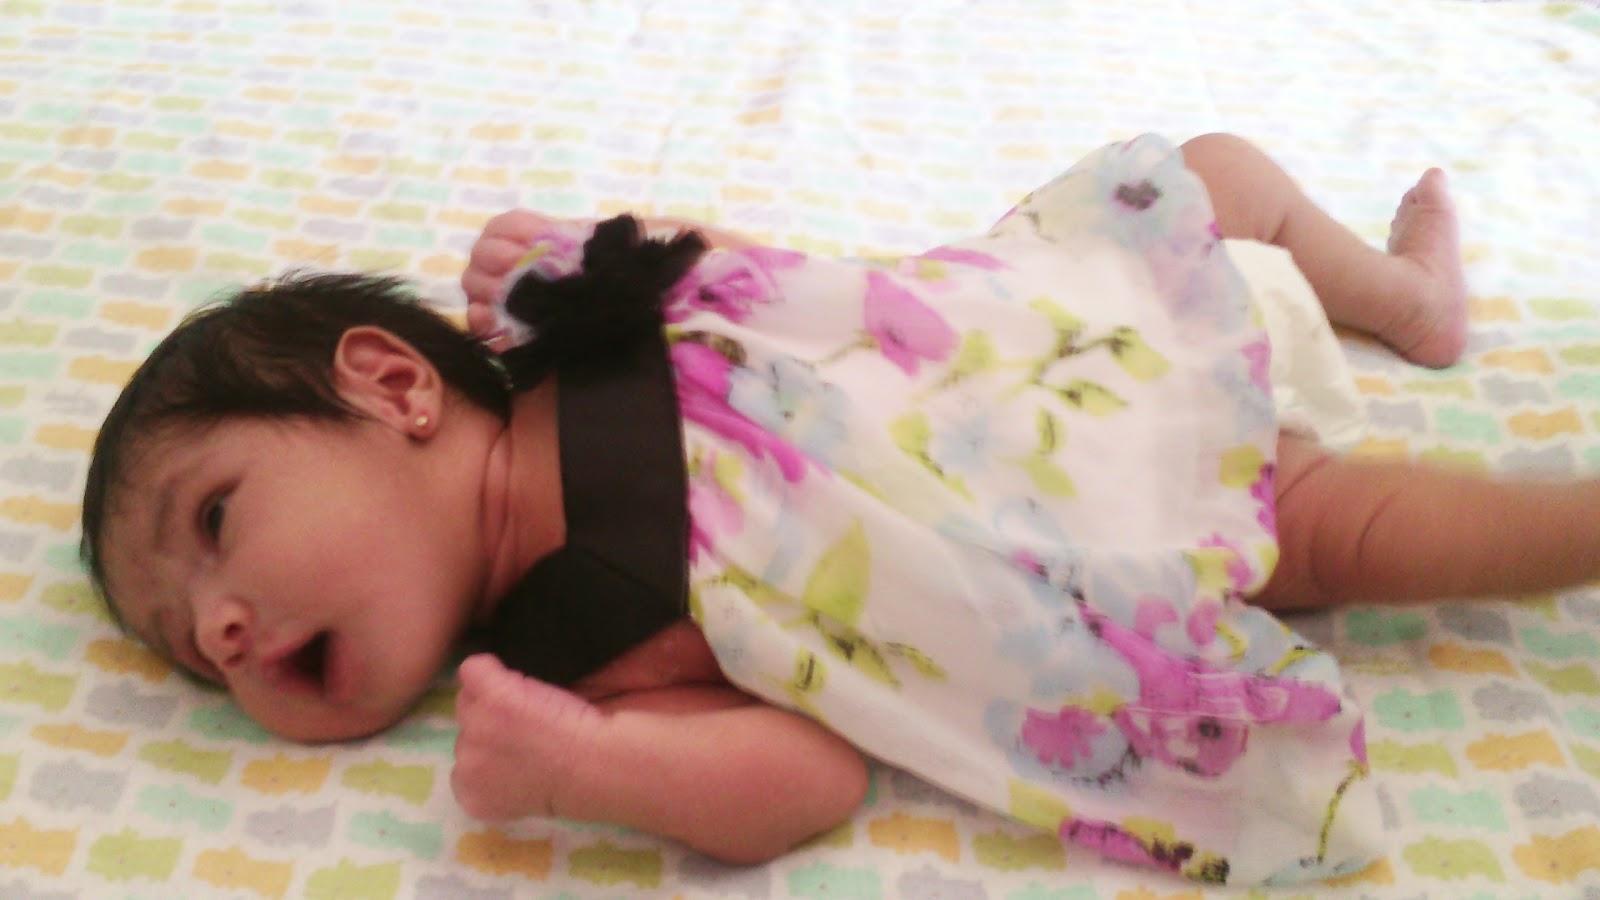 Jéssica-de-la-Portilla-Montaño-Héctor-Juárez-Lorencilla-bebé-todomepasa-vestido-recién-nacida